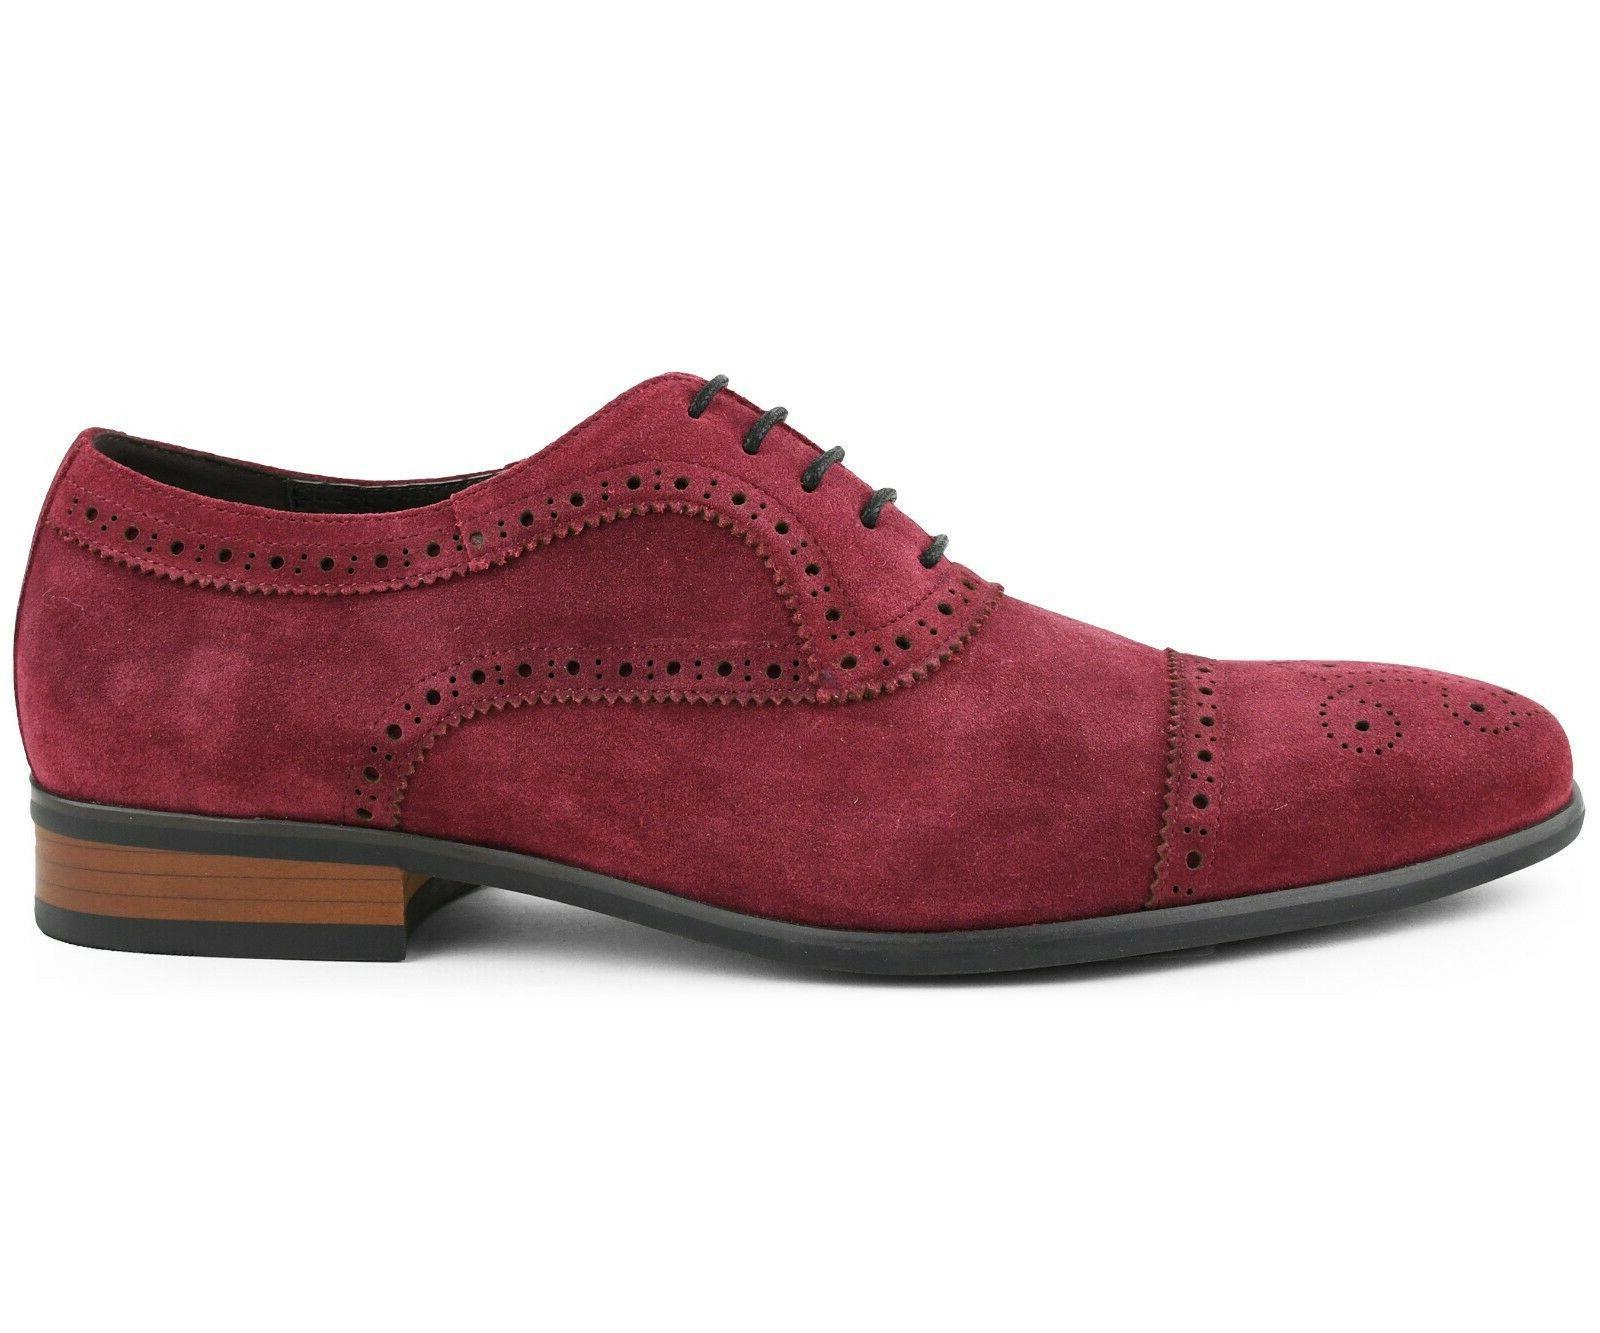 Men's Cow Suede Leather Toe Oxfords, Lace Dress Shoe